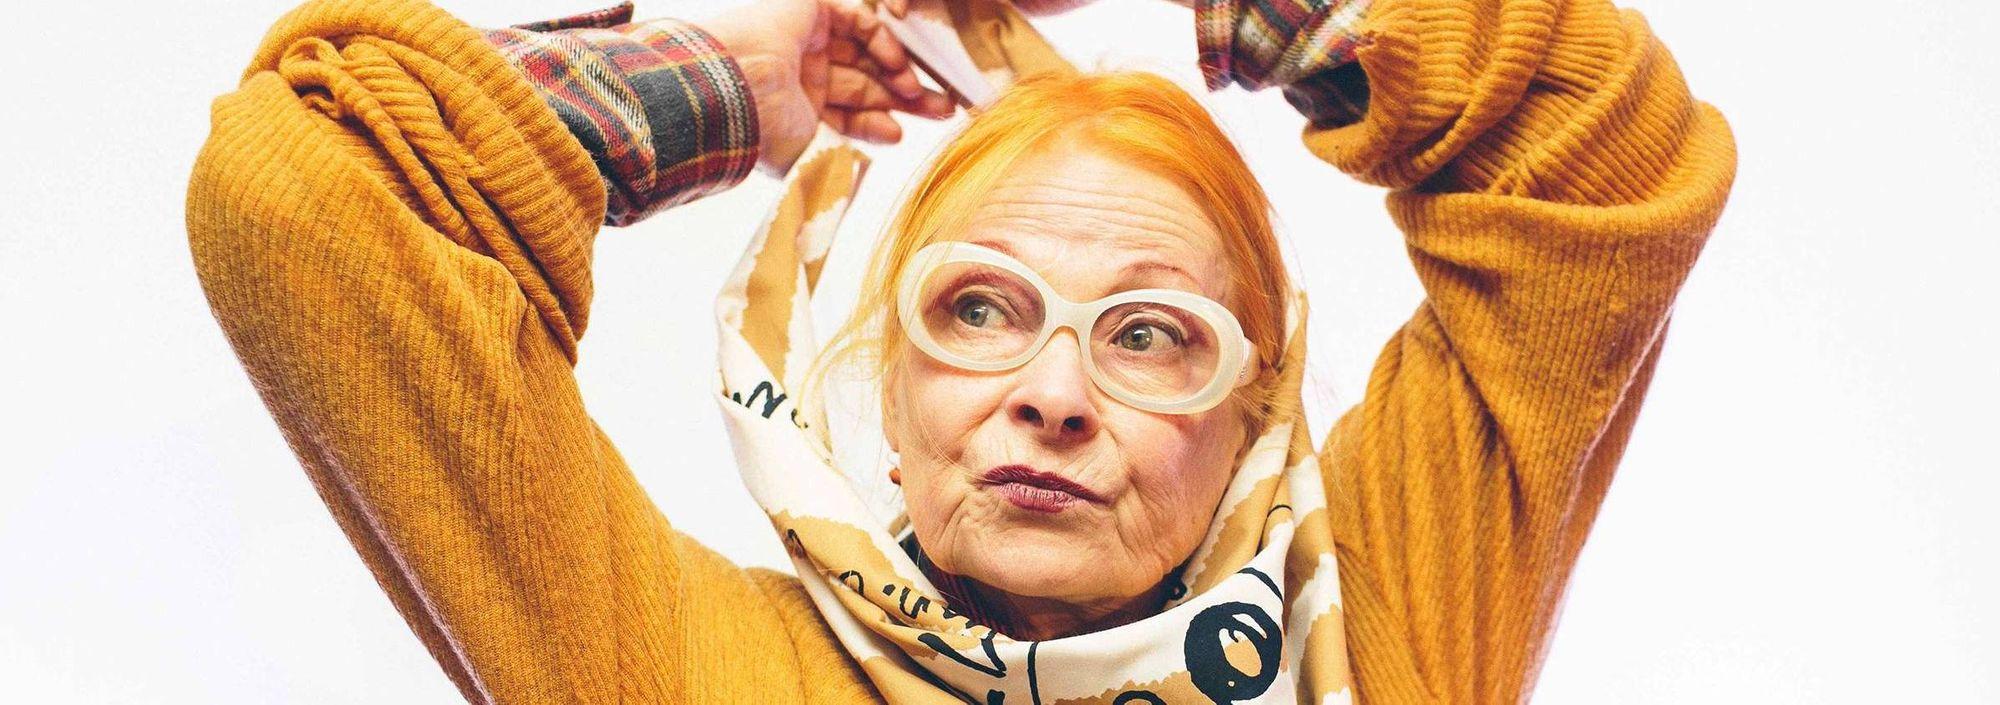 3 Ways Vivienne Westwood Reinvented Your Wardrobe Staples